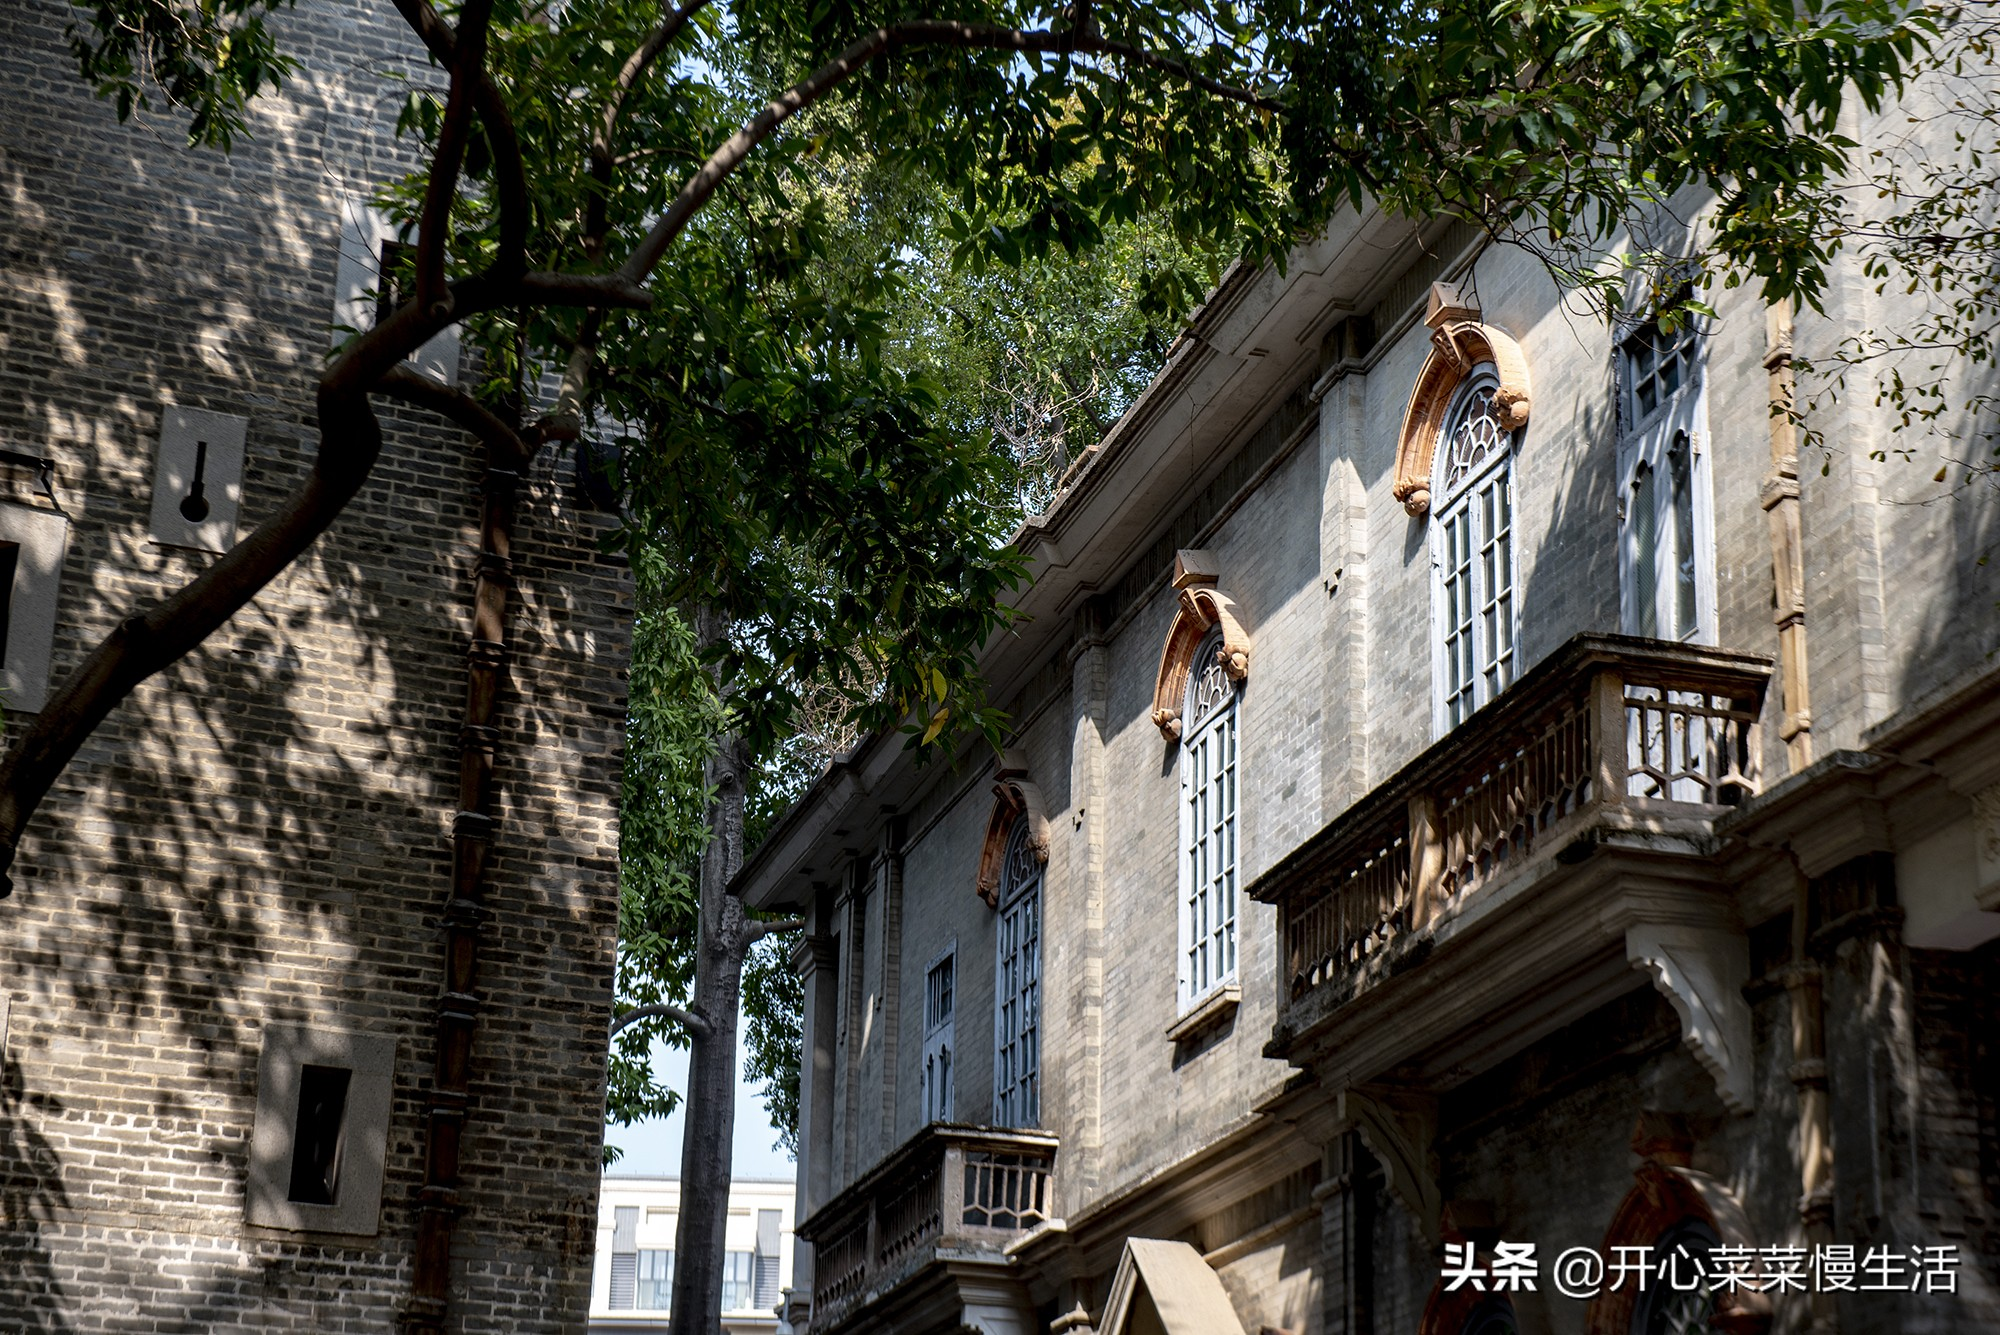 过年去哪儿玩?广东佛山五个区,我把好玩的景点全列出来了